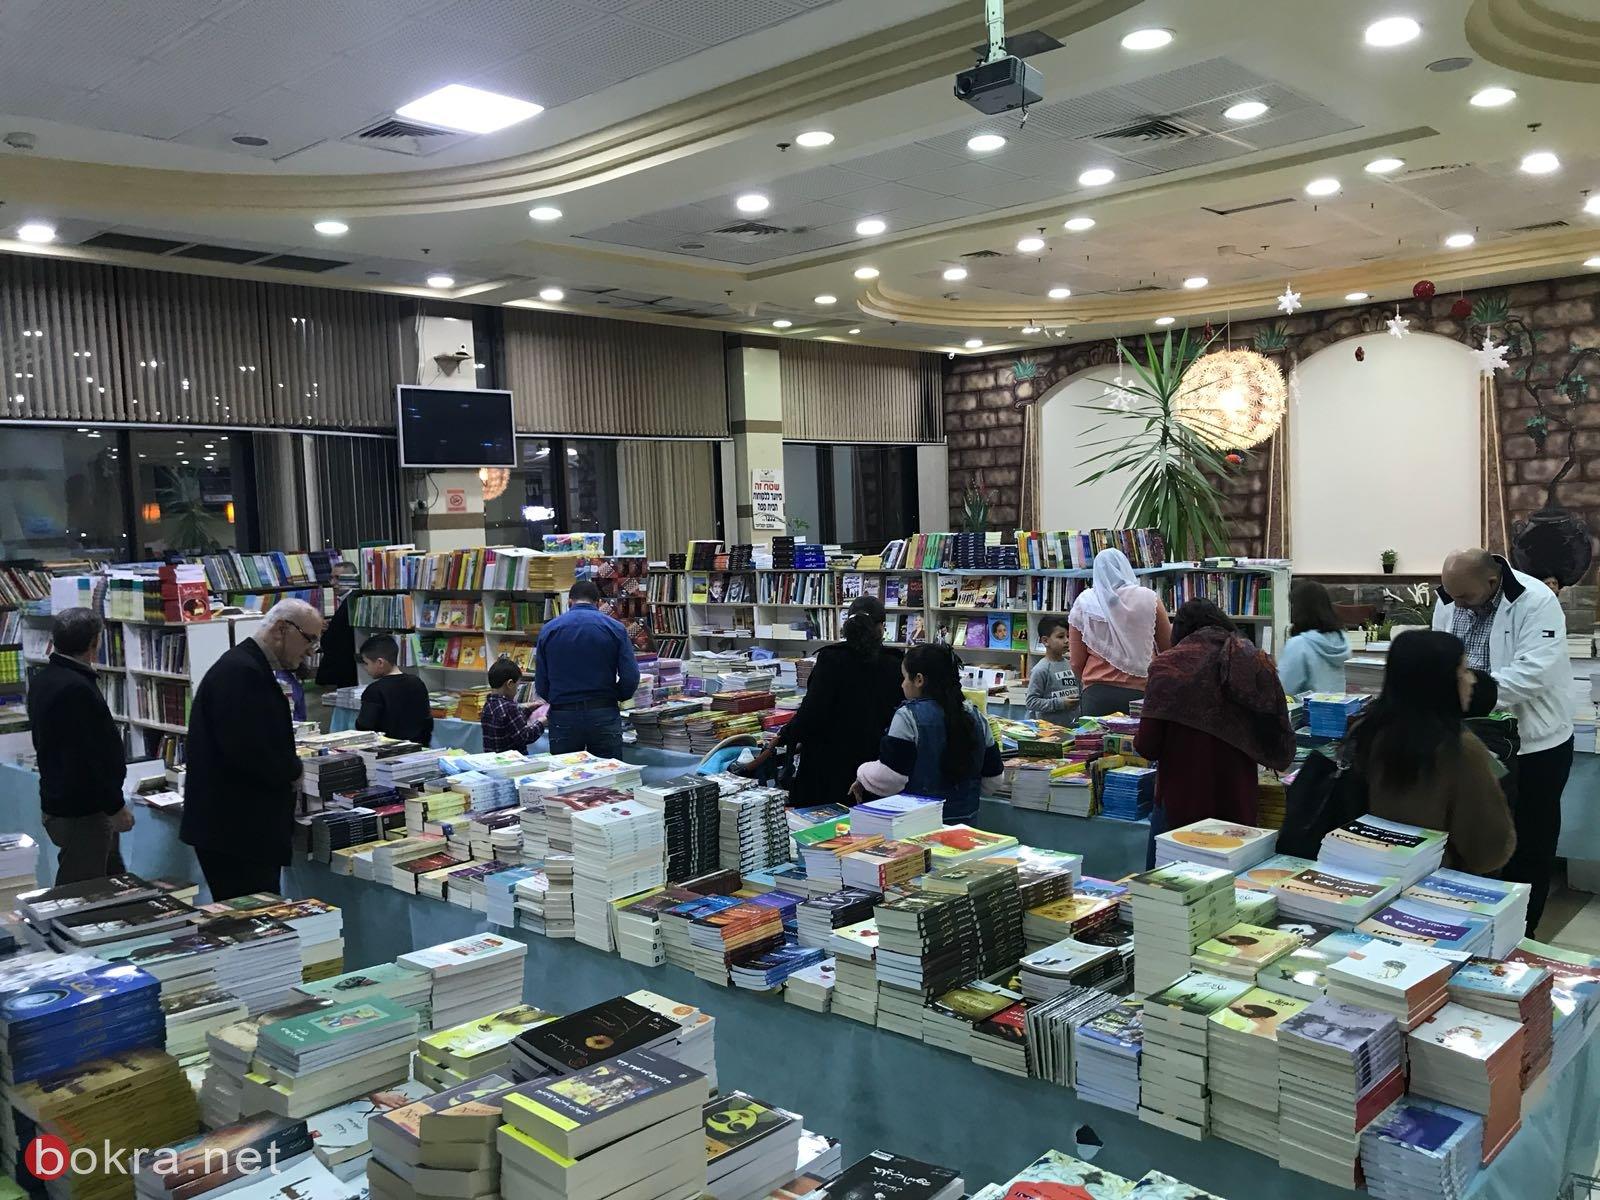 معرض الكتاب في كنيون كنعان- يركا يحقق نجاحاً كبيراً ، المستمر حتى السبت 10.3.18-3